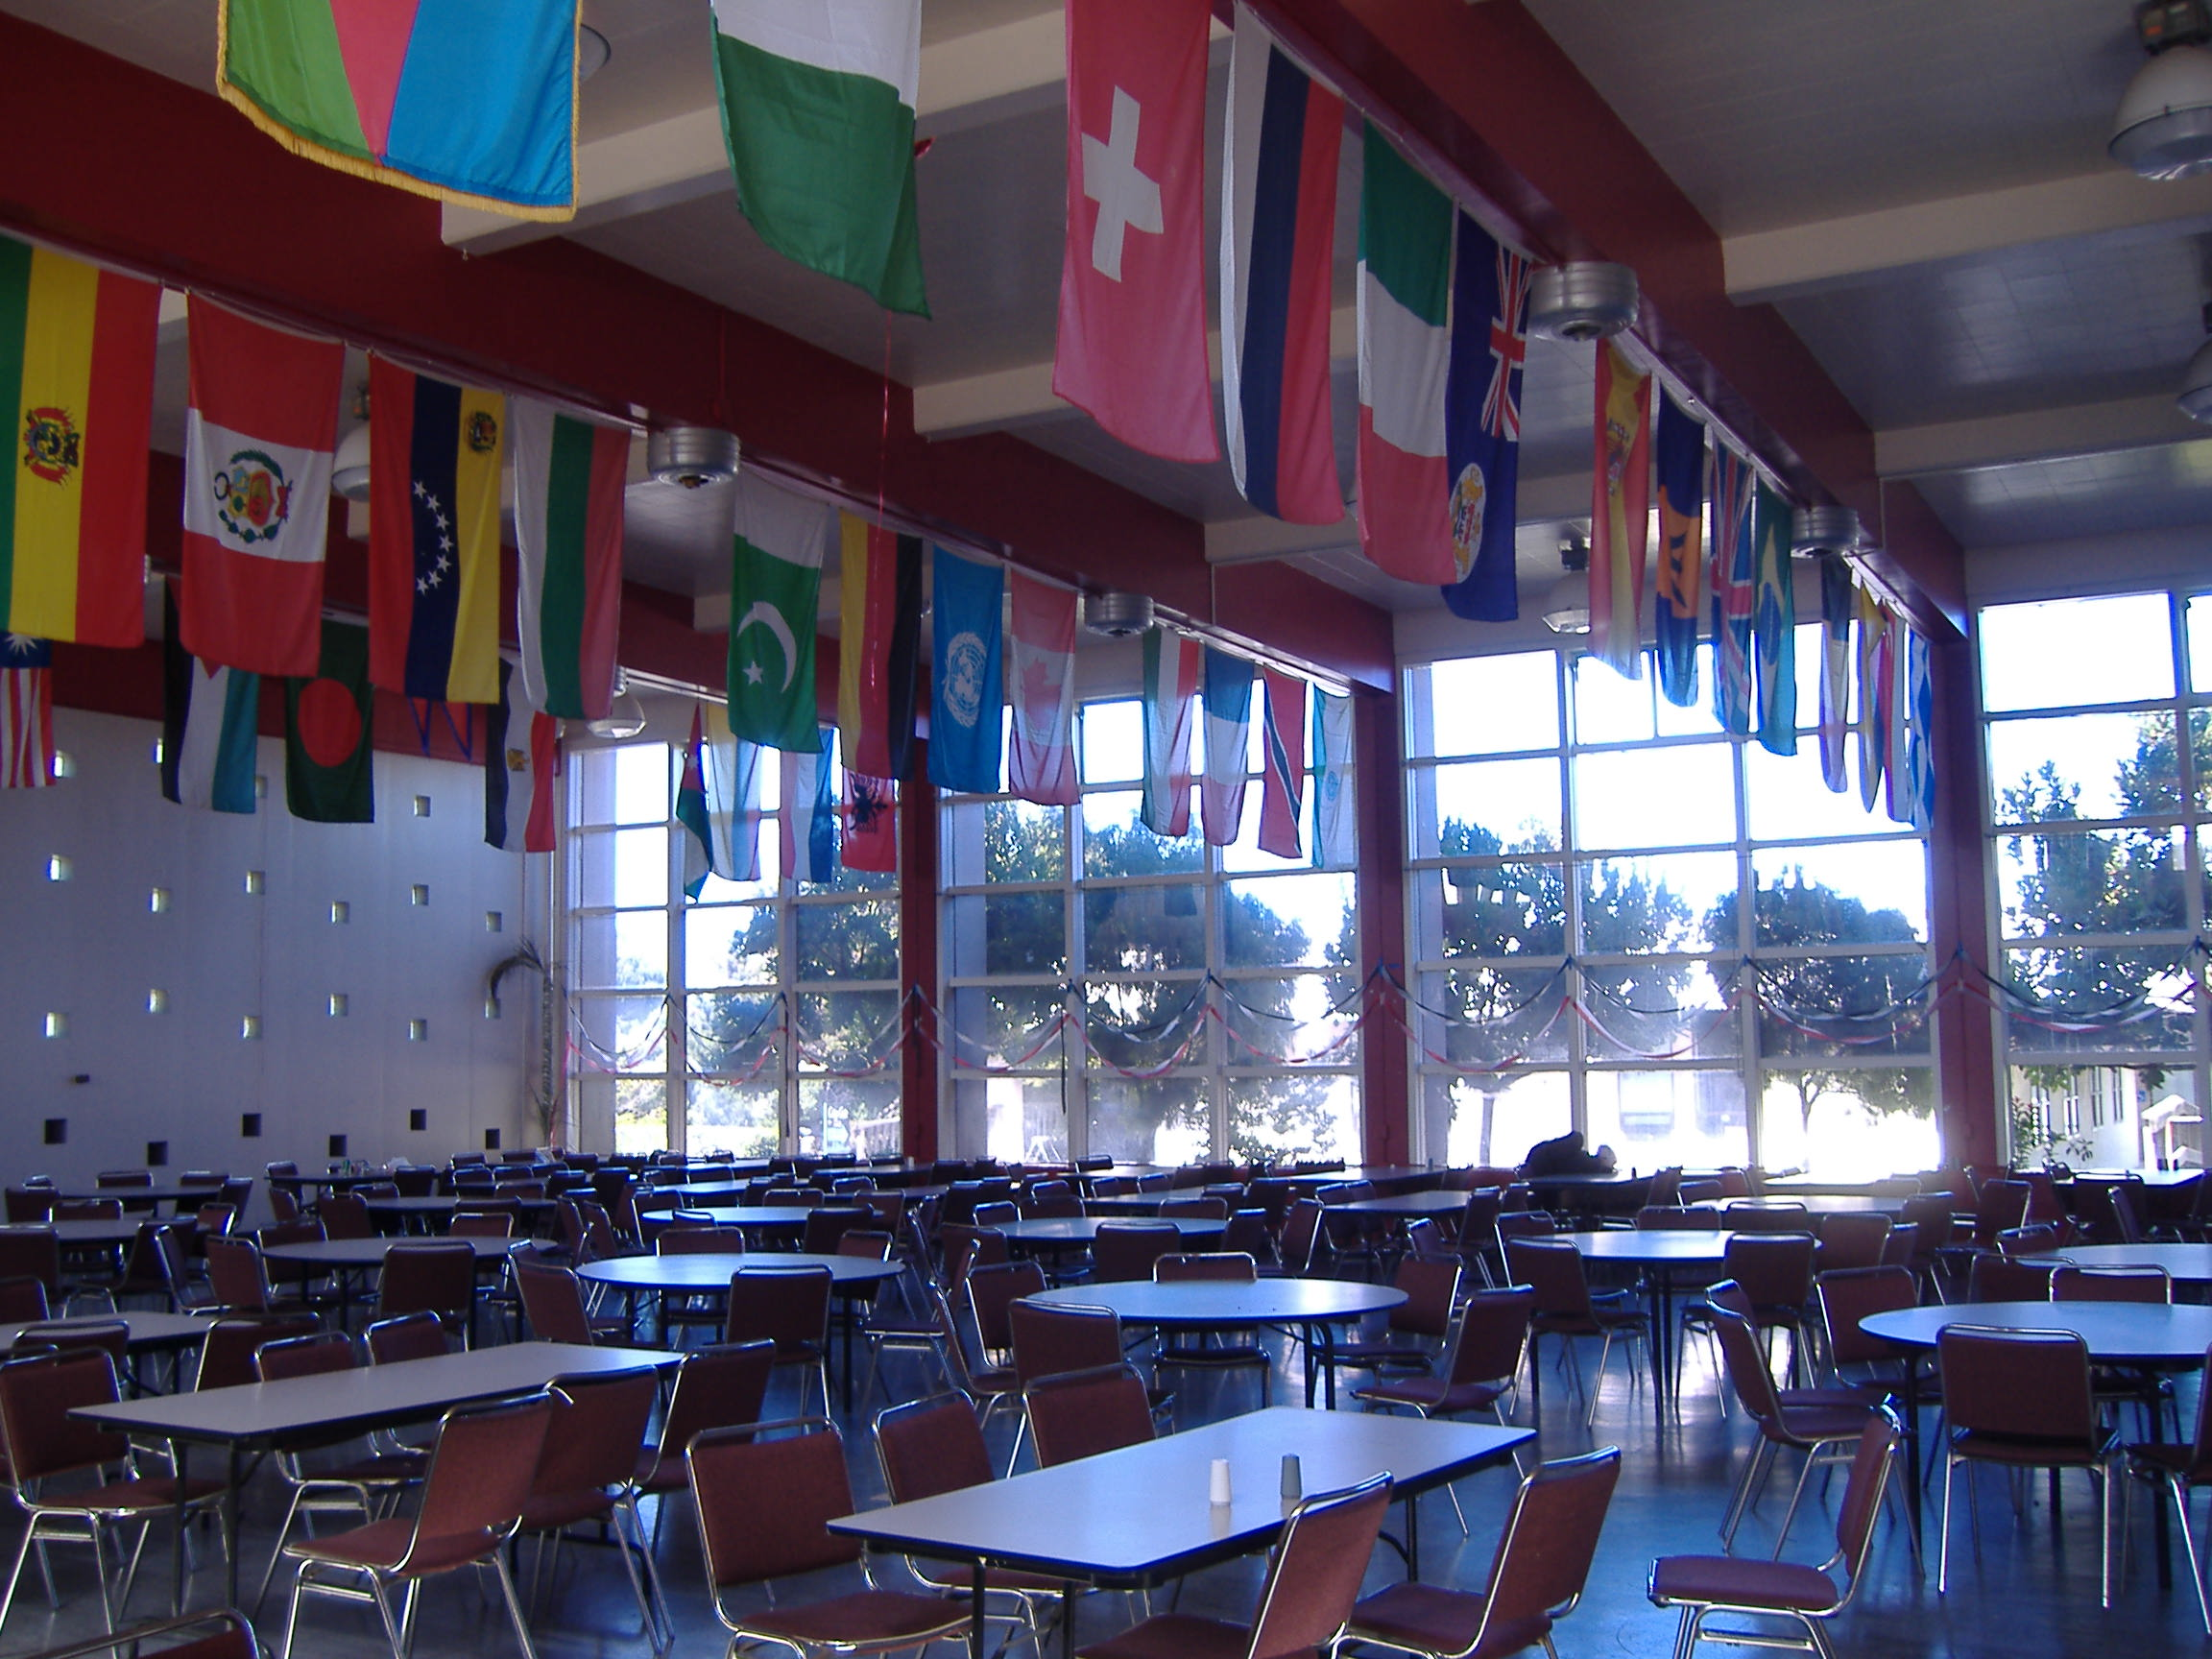 College cafeteria[edit]